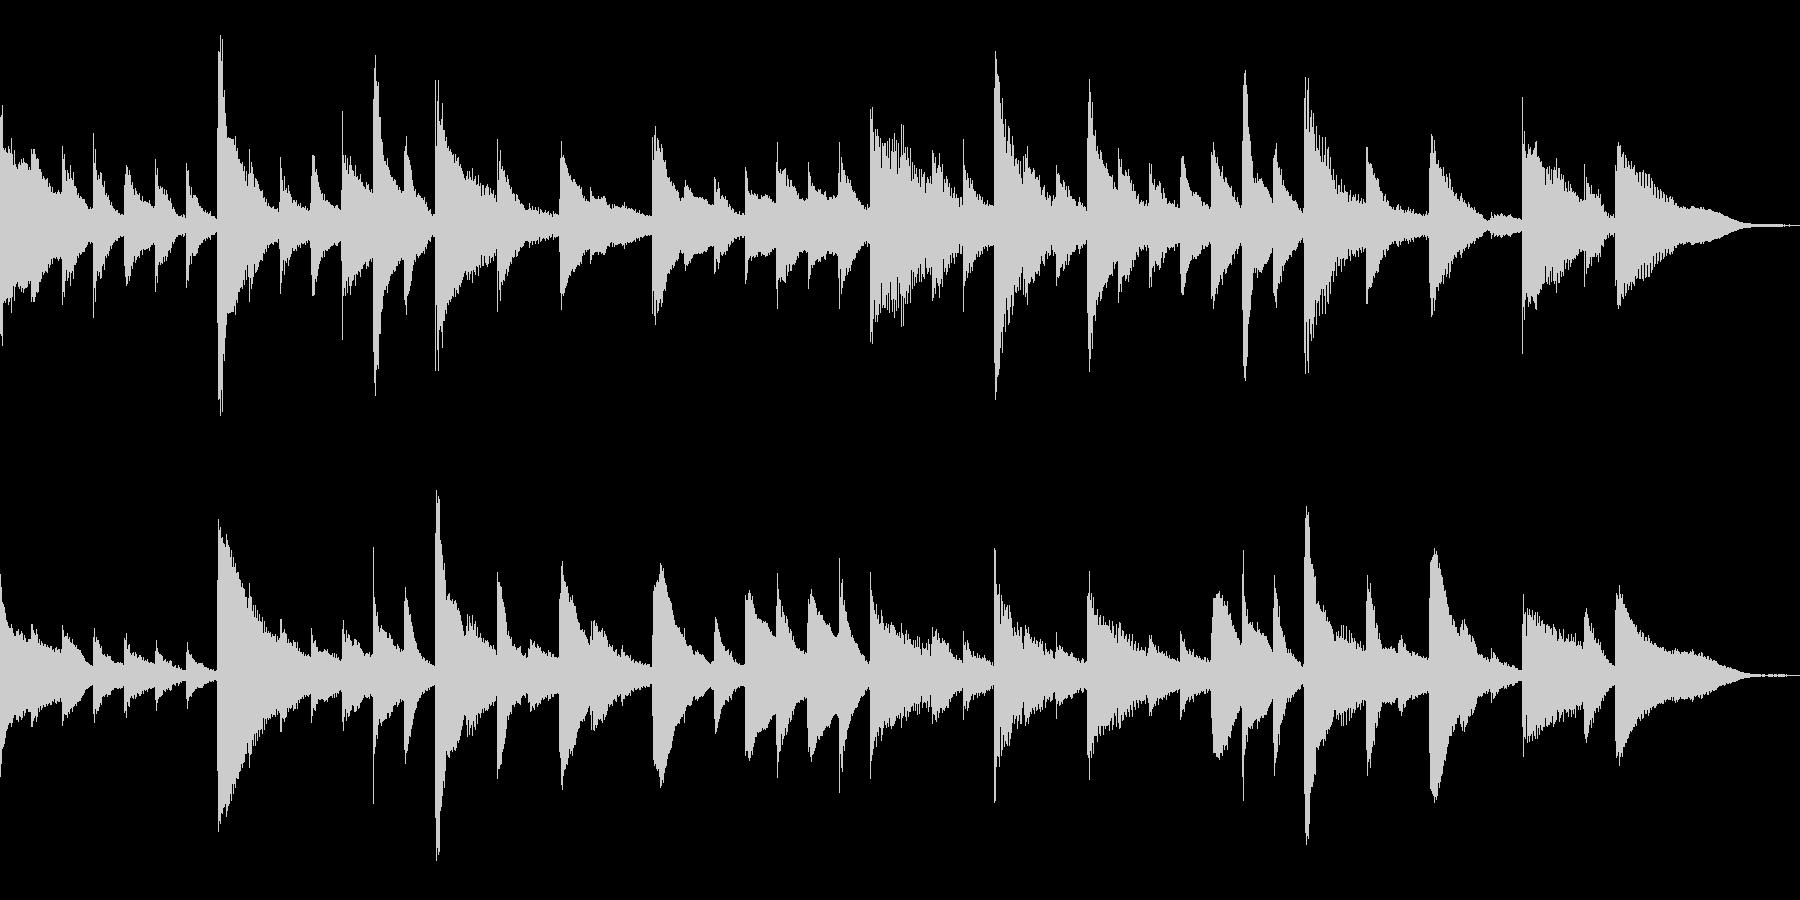 ピアノテイストでキラキラとしたBGMの未再生の波形